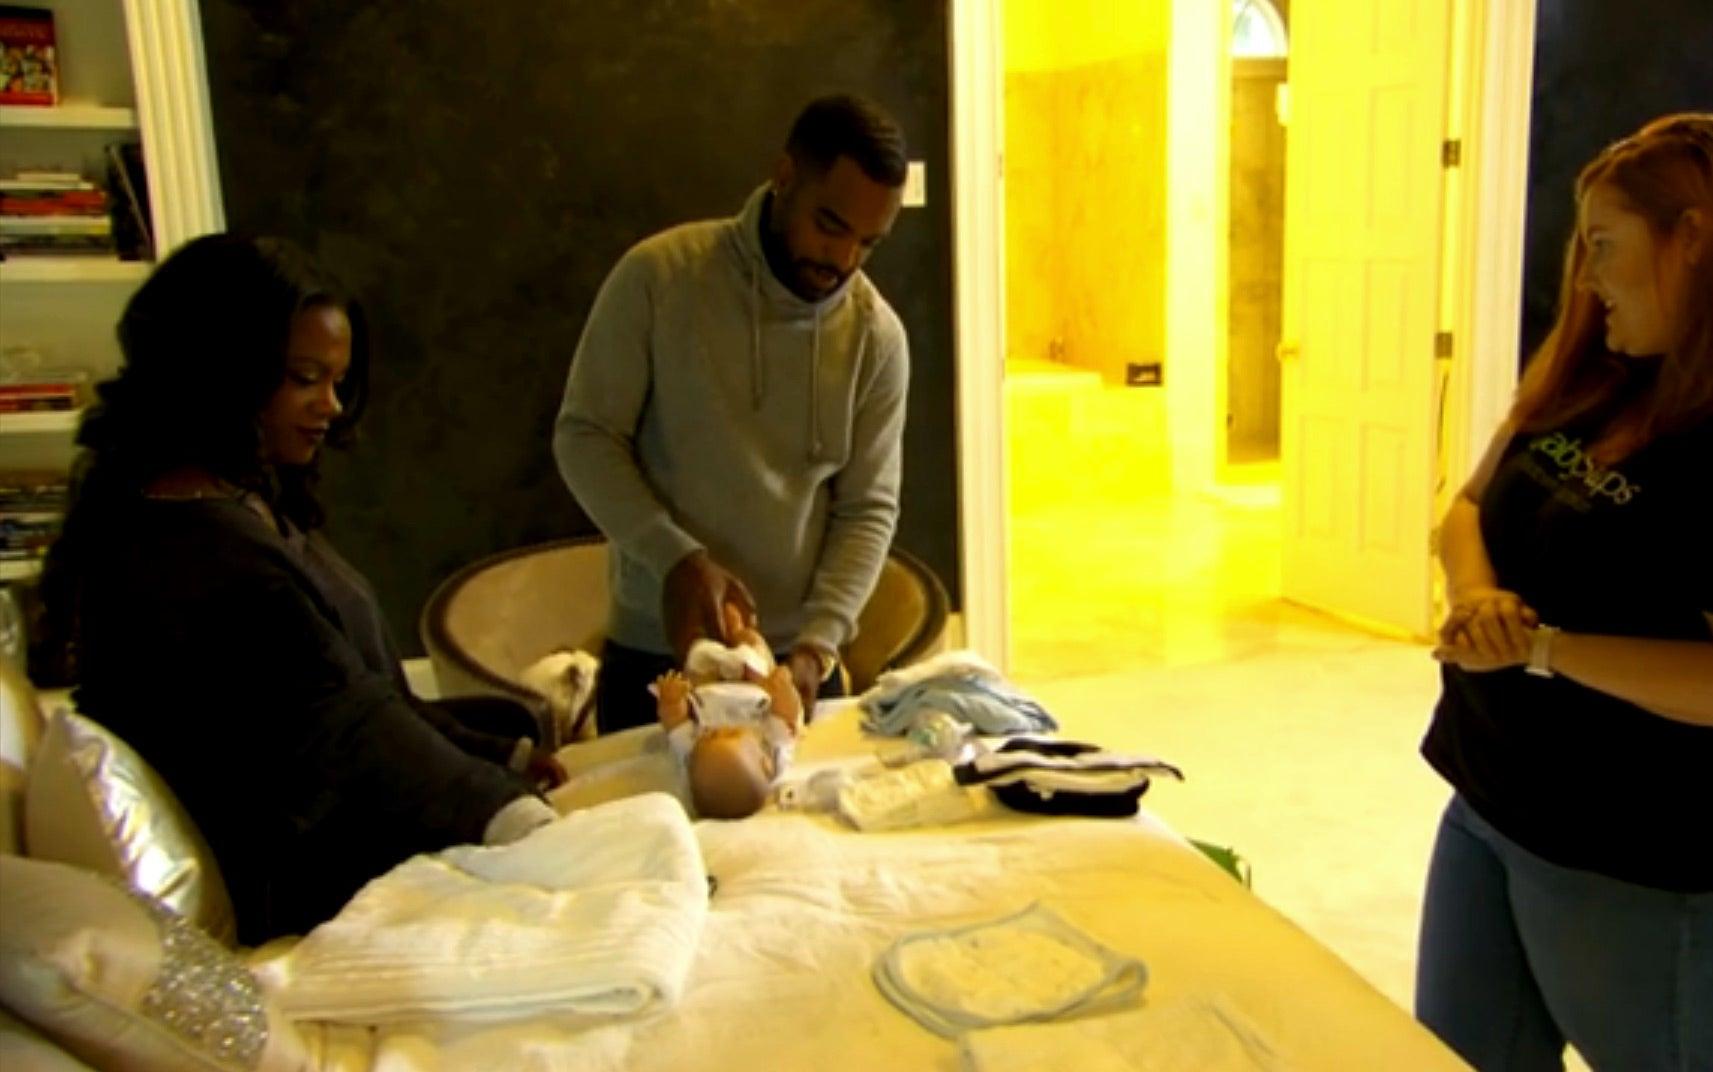 'RHOA' Sneak Peek: Kandi Burruss and Todd Tucker Get A Visit From A Baby Coach